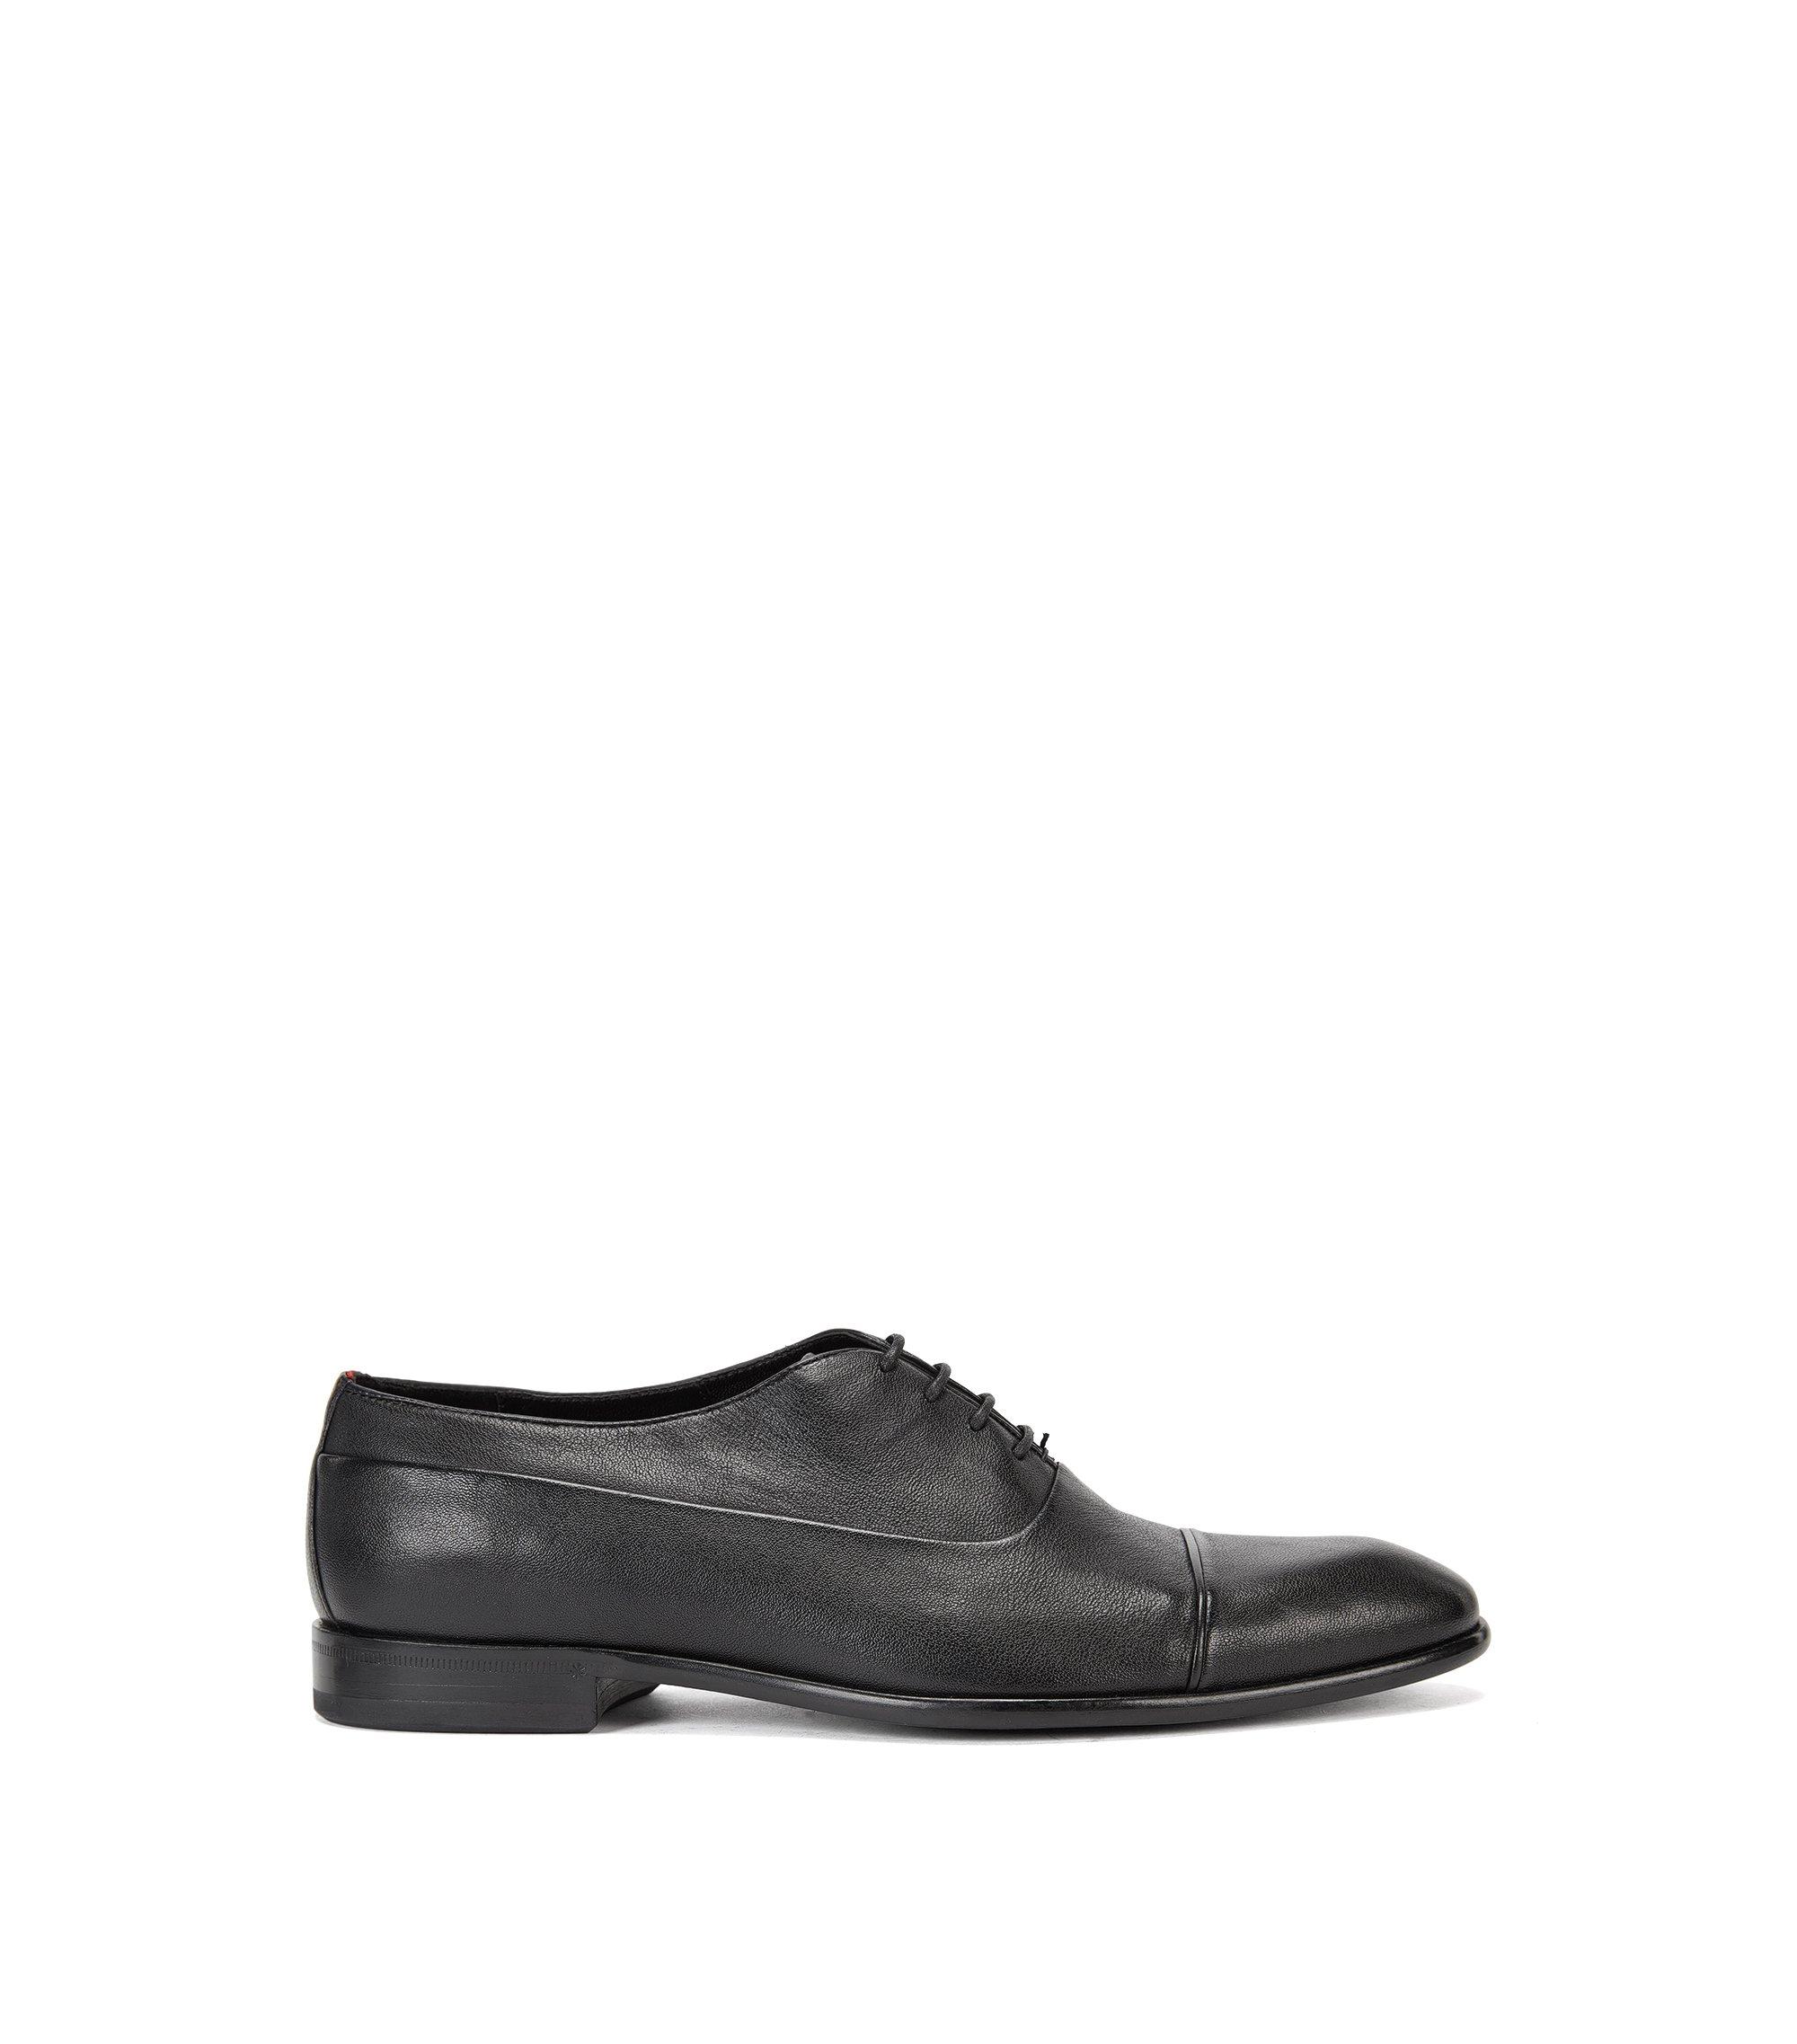 Scarpe Oxford in pelle con guarnizioni , Nero